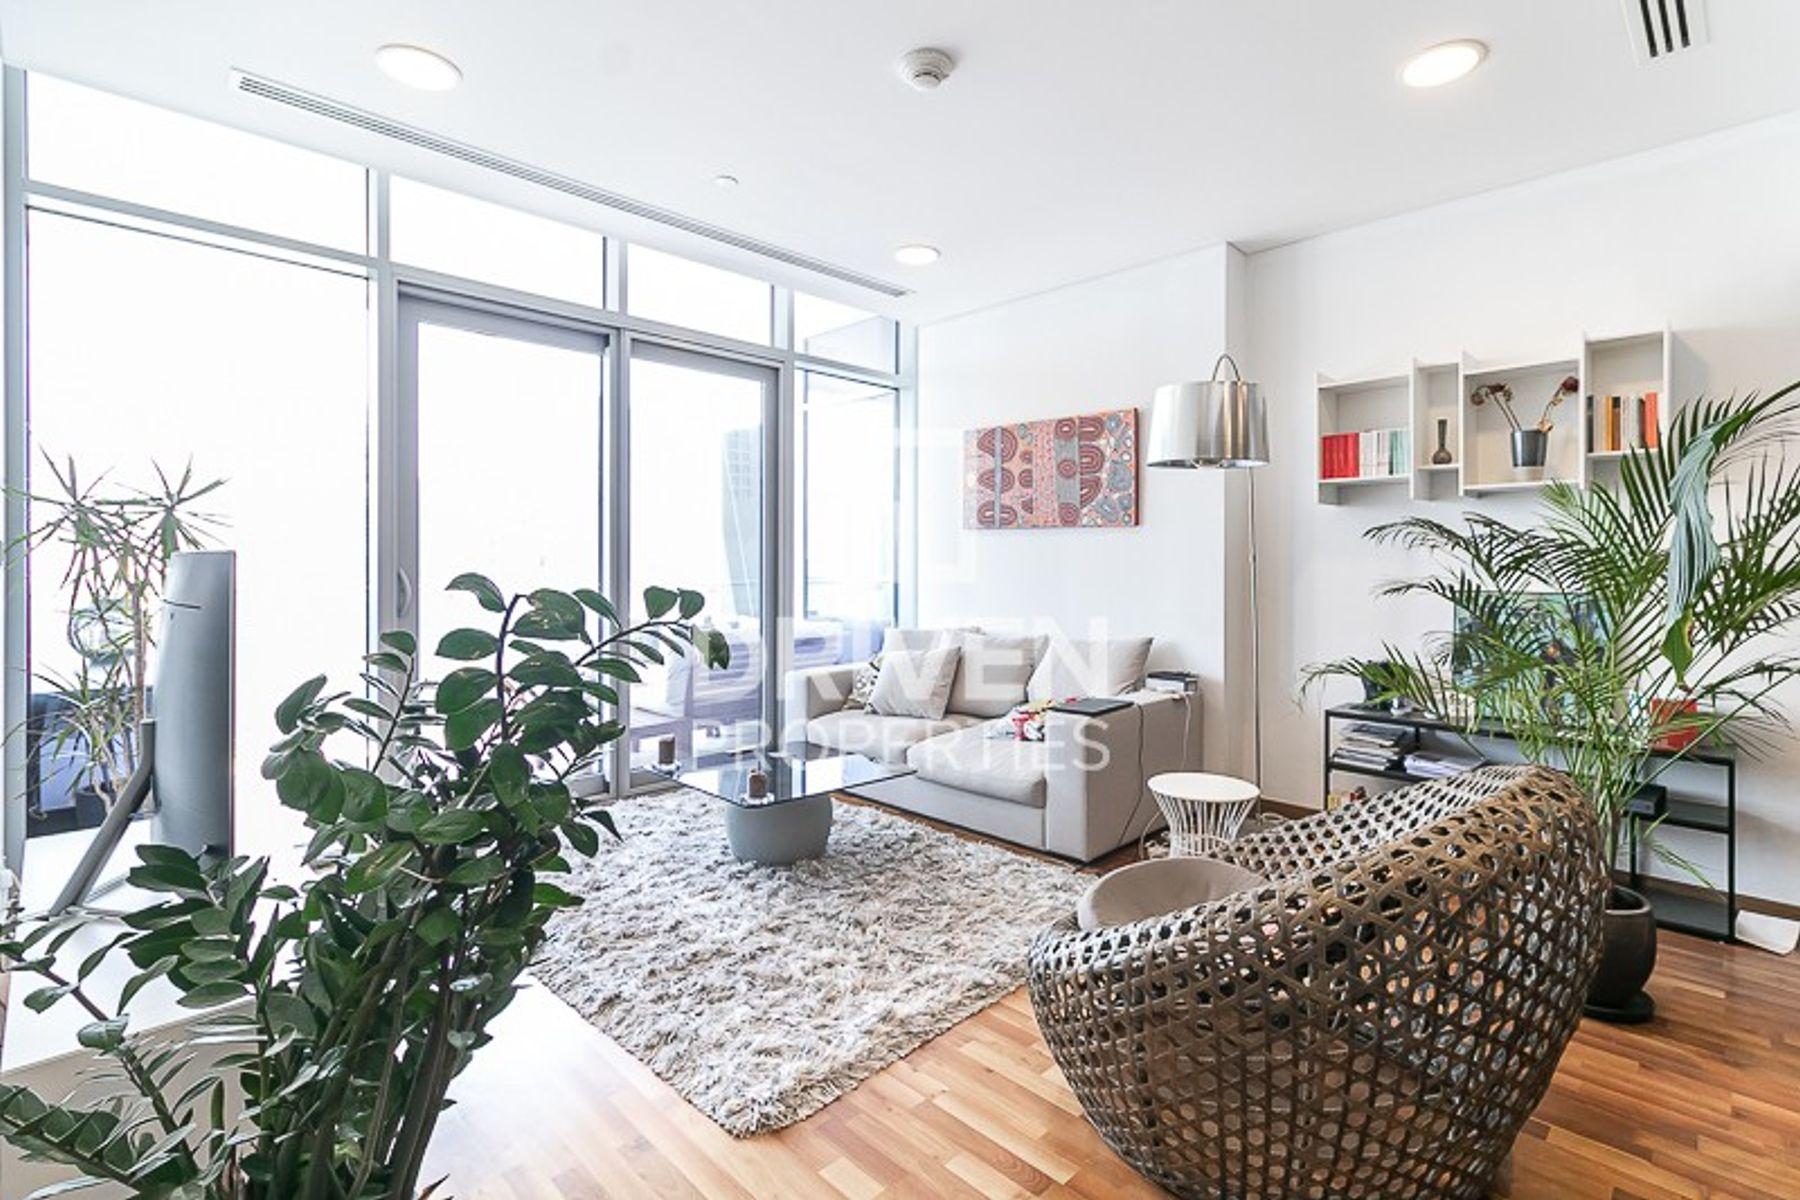 893 قدم مربع  شقة - للبيع - مركز دبي المالي العالمي